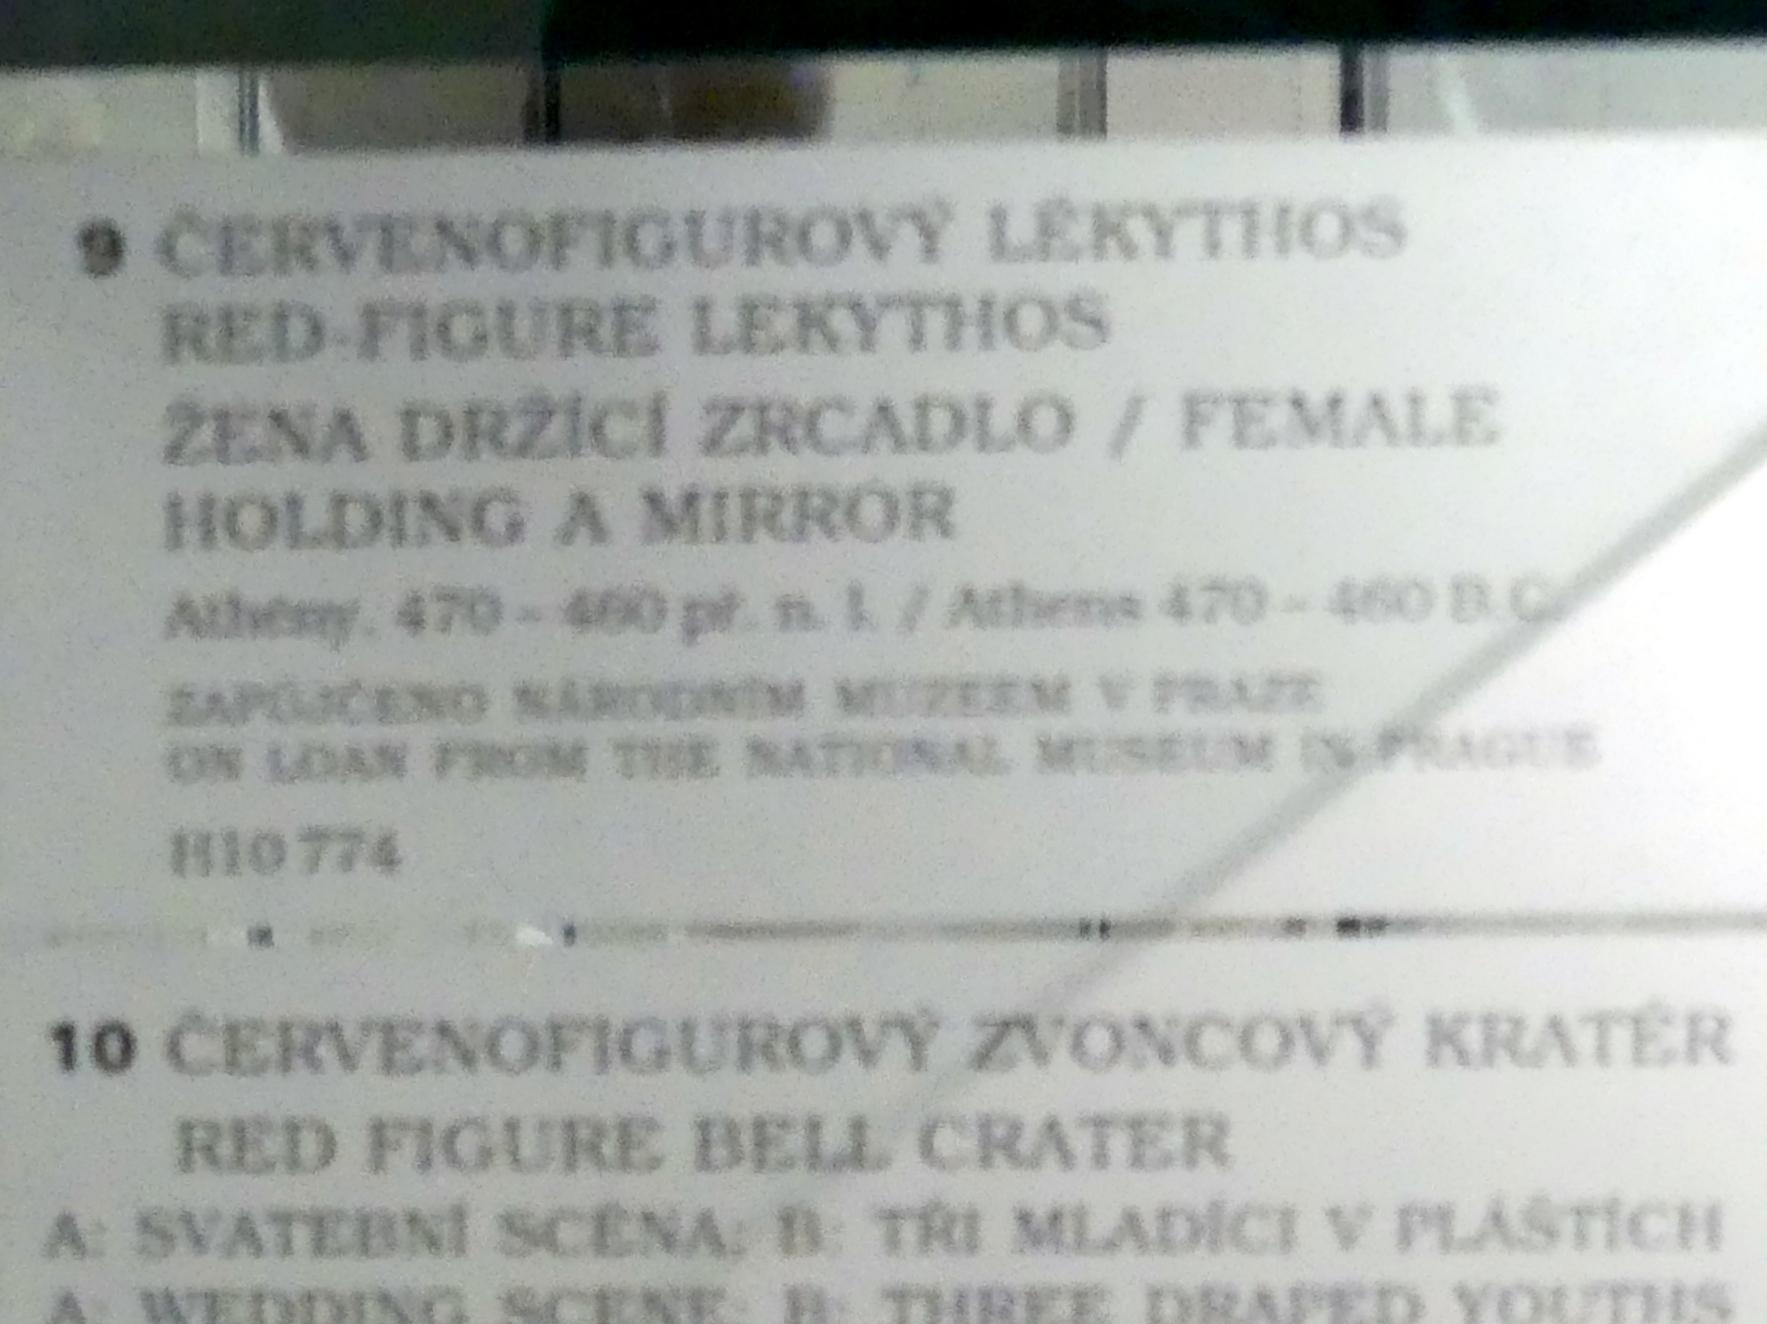 Rotfigurige Lekythos: Frau mit Spiegel, 470 - 460 v. Chr., Bild 2/2